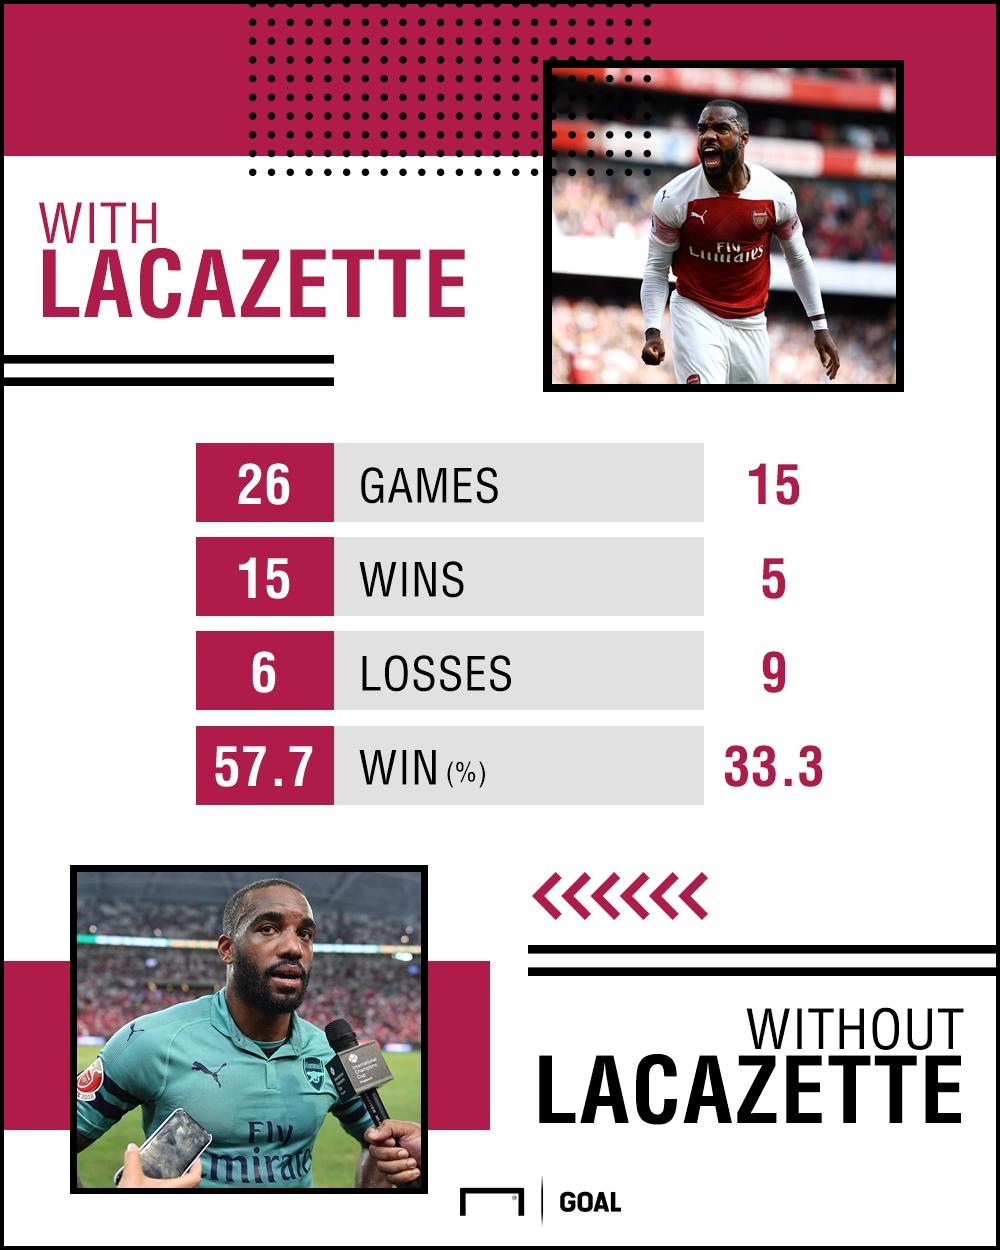 Thống kê khó tin chỉ Lacazette phải đá chính nếu Arsenal muốn chiến thắng - Ảnh 8.